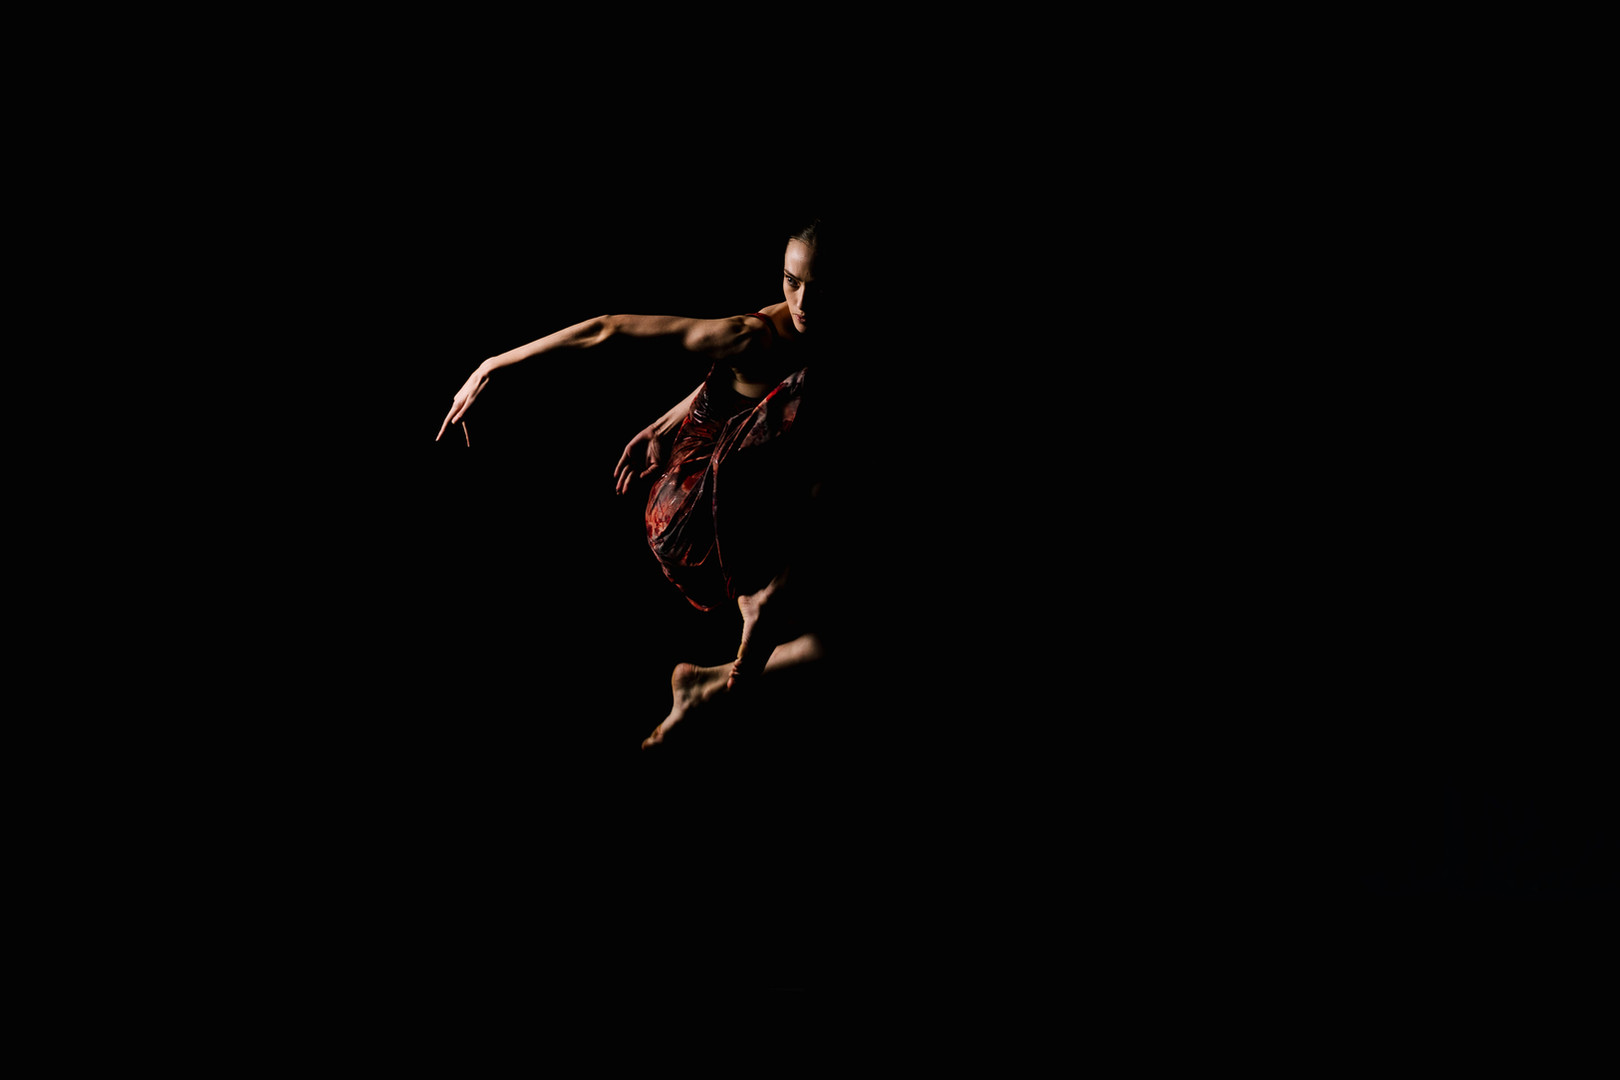 manchester-dance-photographer-37.jpg